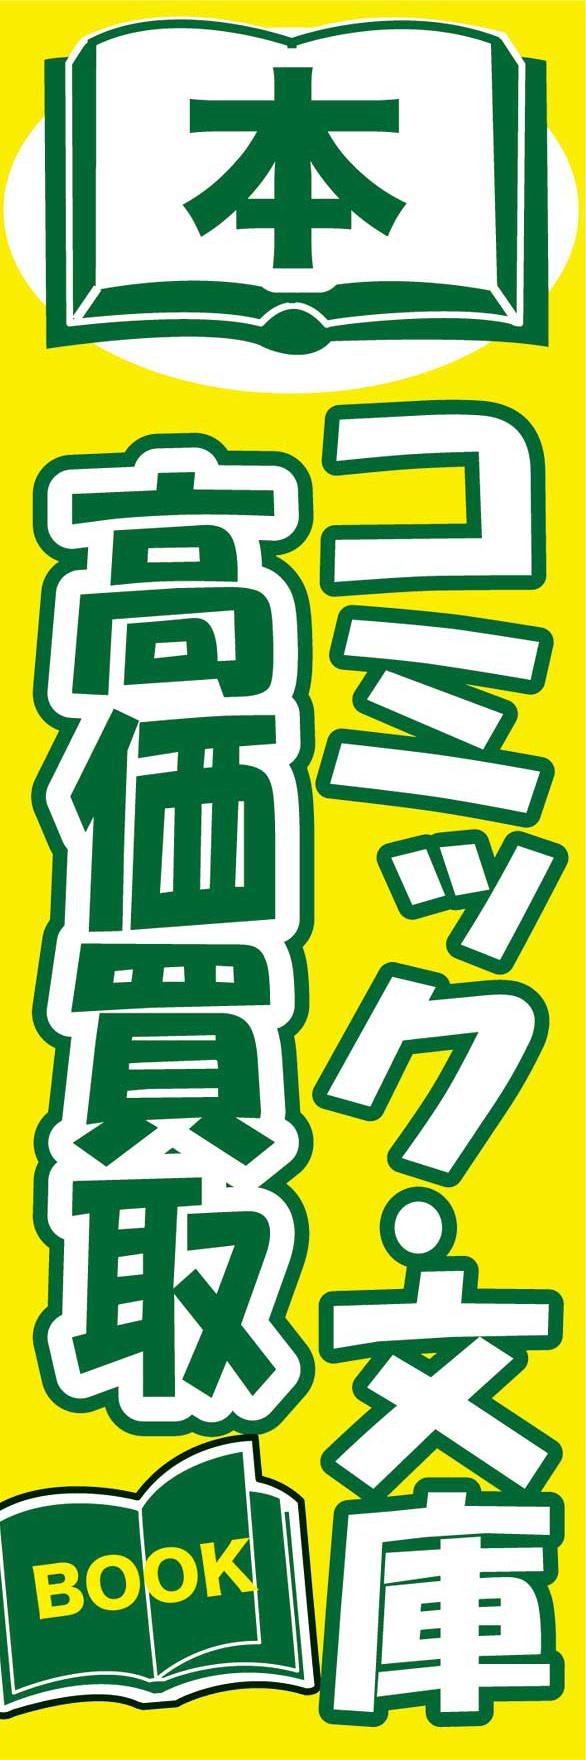 のぼり コミック・文庫高価買取